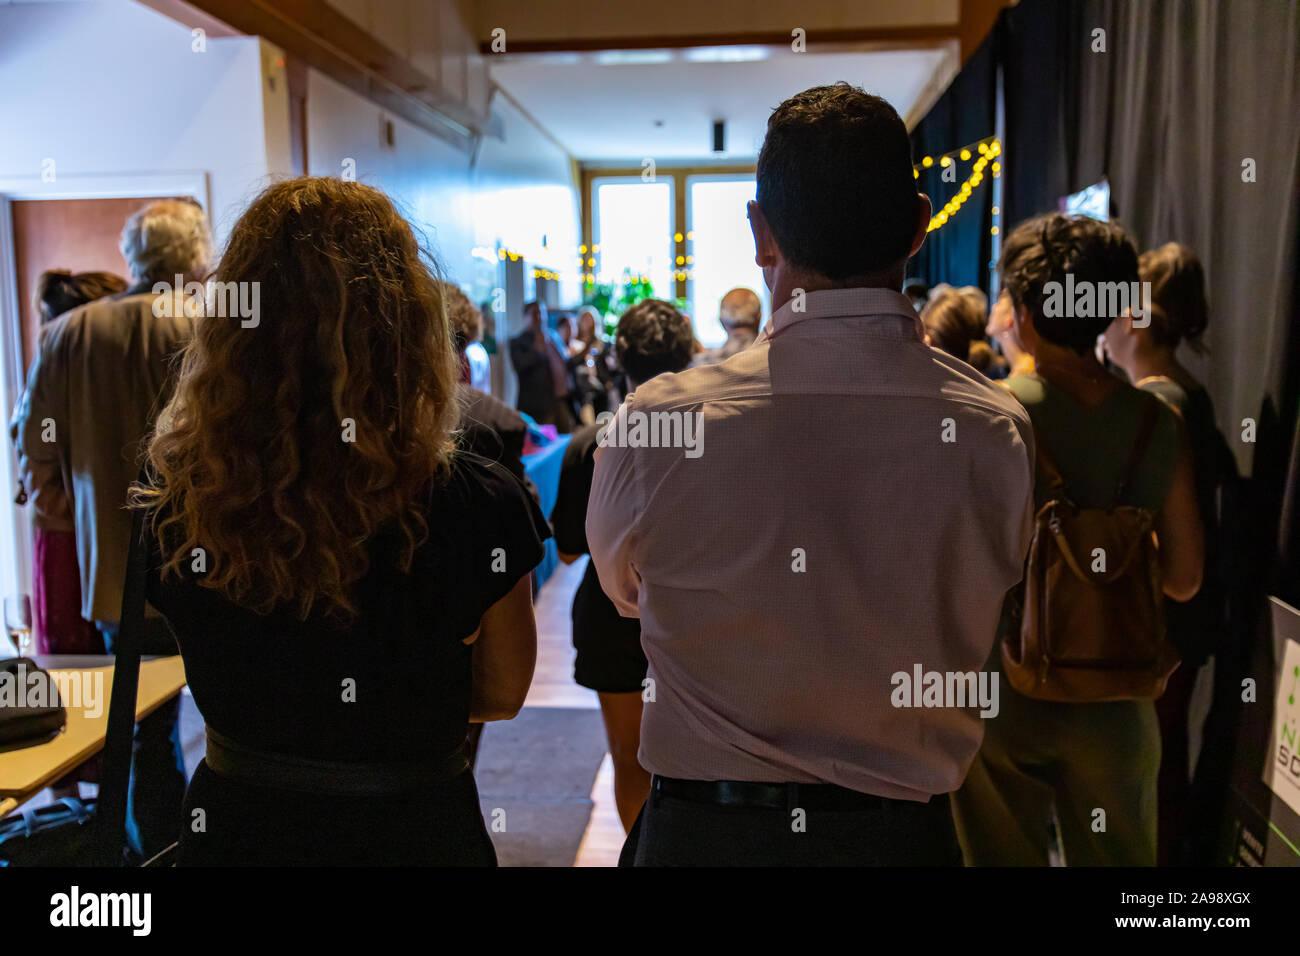 L'arrière du grand groupe de personnes à la recherche de quelque chose en face d'eux tout en ayant une grande réunion du congrès Banque D'Images